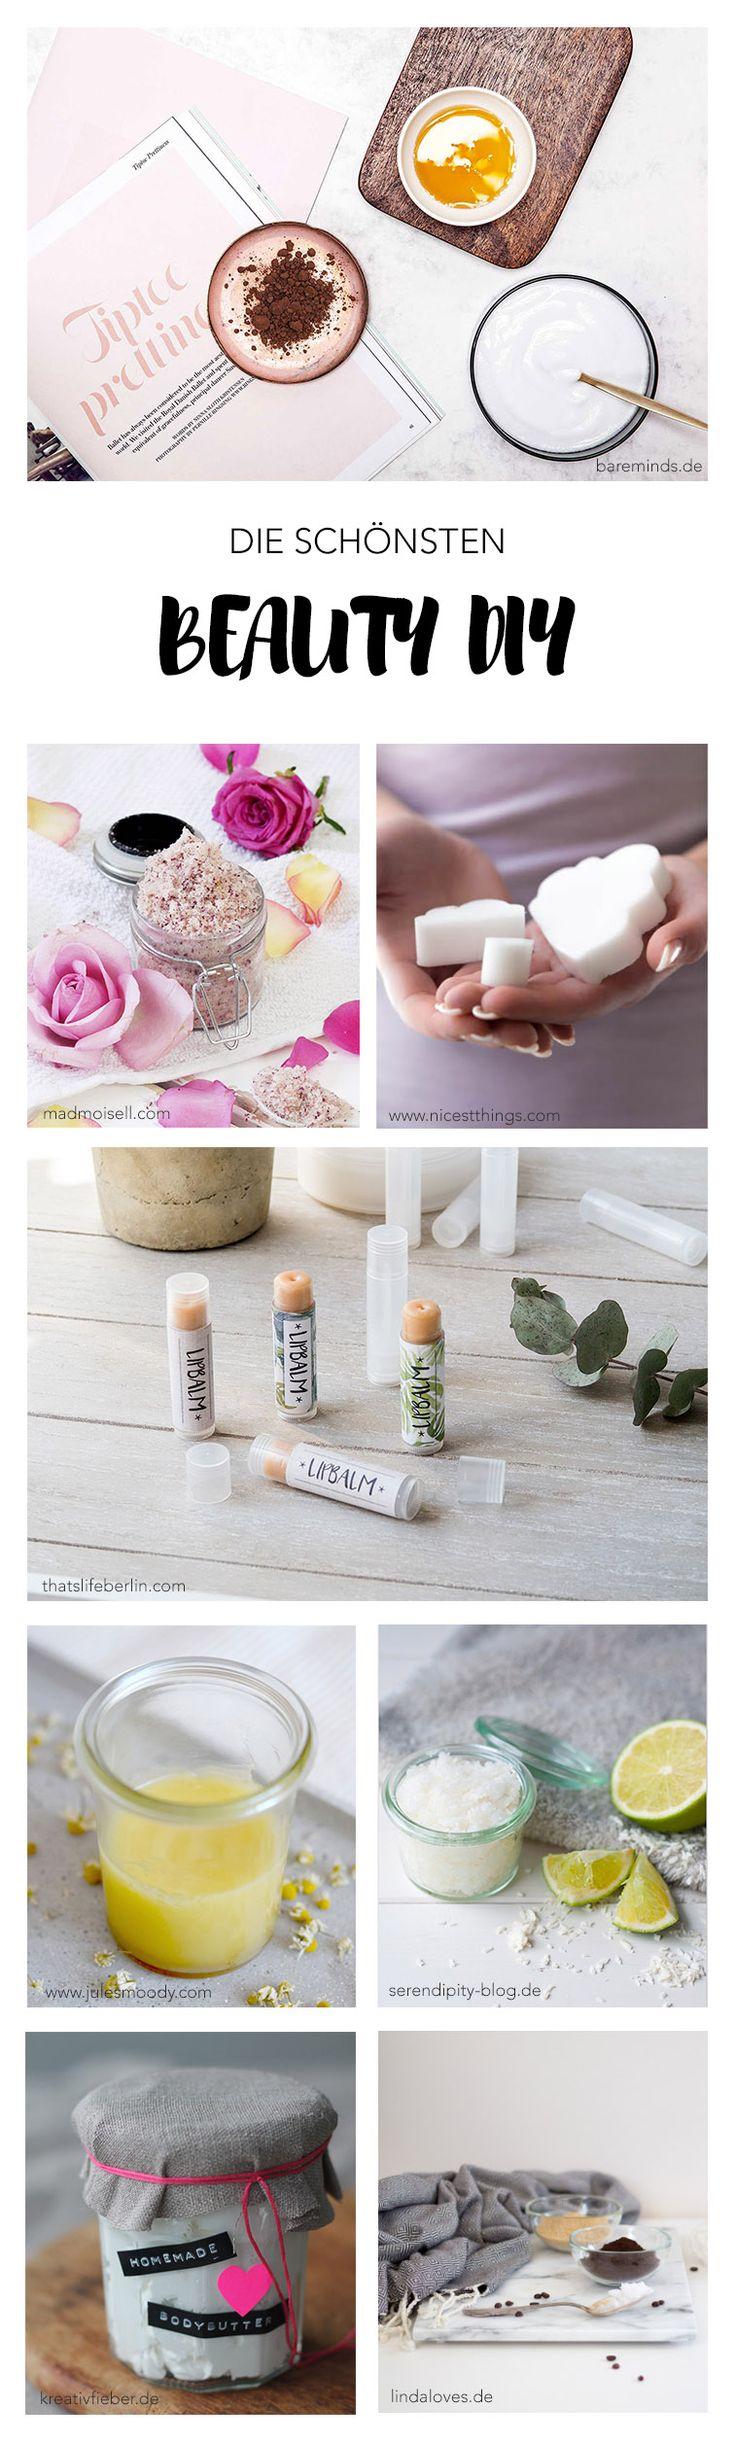 Die schönsten Ideen für Beauty DIYs um Kosmetik selber zu machen wie Peeling, Bodybutter, Gesichtsmasken, Seifen und noch viel mehr ... l                                                                                                                                                                                 Mehr